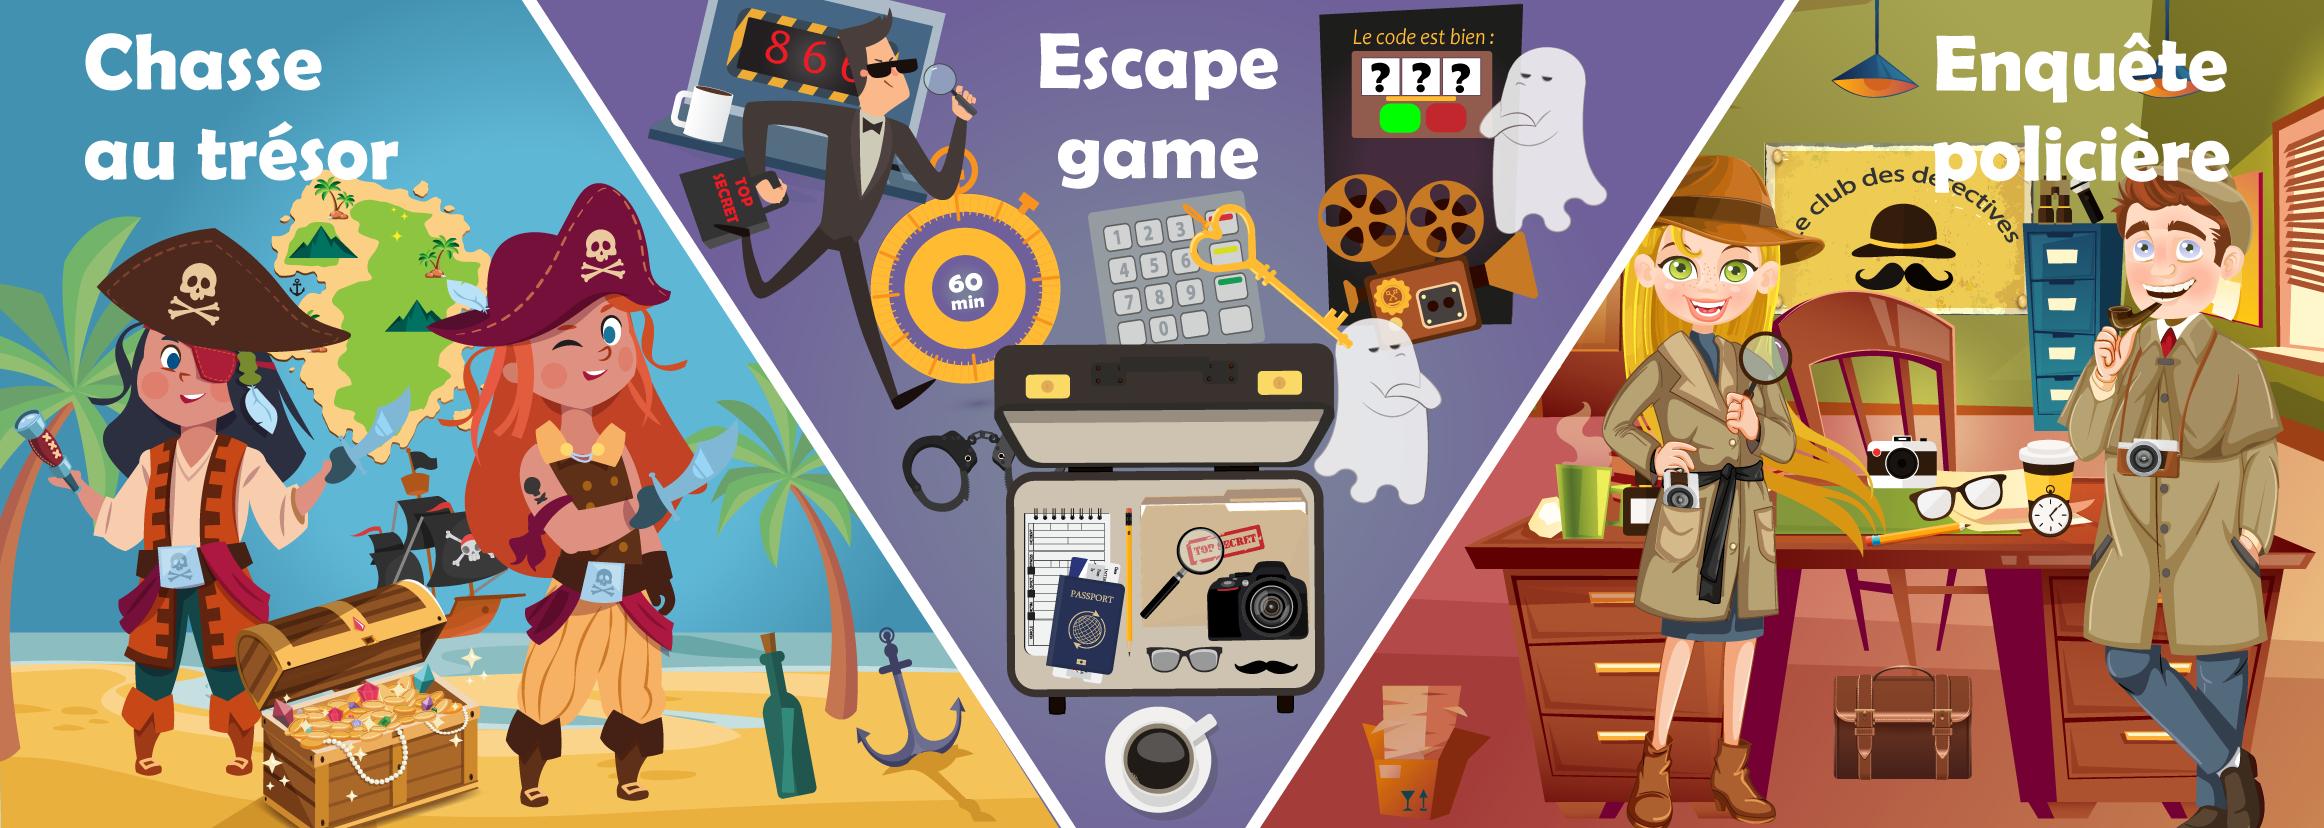 Jeux À Imprimer Ludiques Pour Les Enfants De 4 À 10 Ans encequiconcerne Jeu Garcon 4 Ans Gratuit